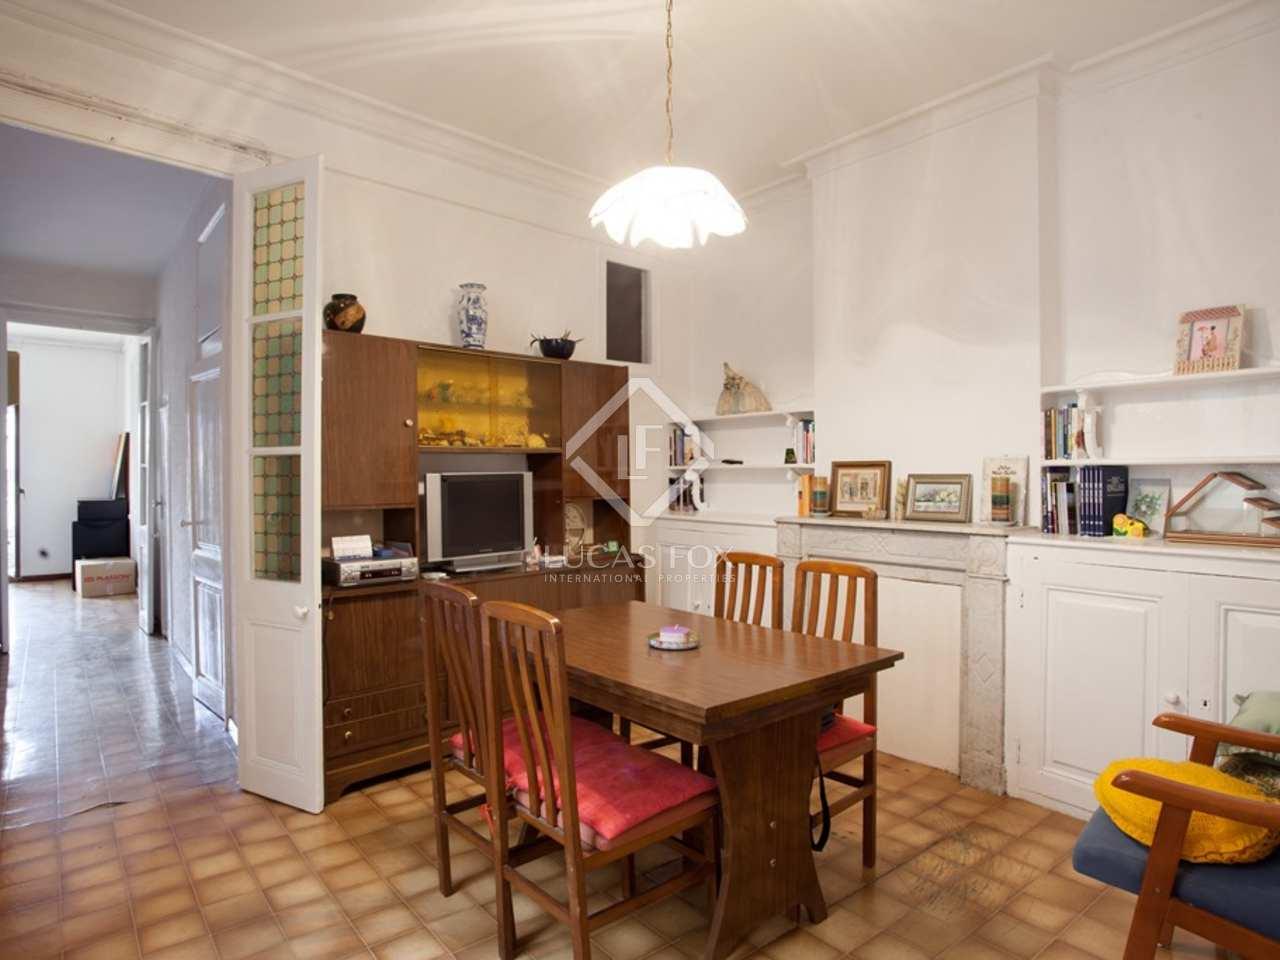 Appartement en vente au born dans le district de ciutat vella de barcelone - Appartement vente barcelone ...